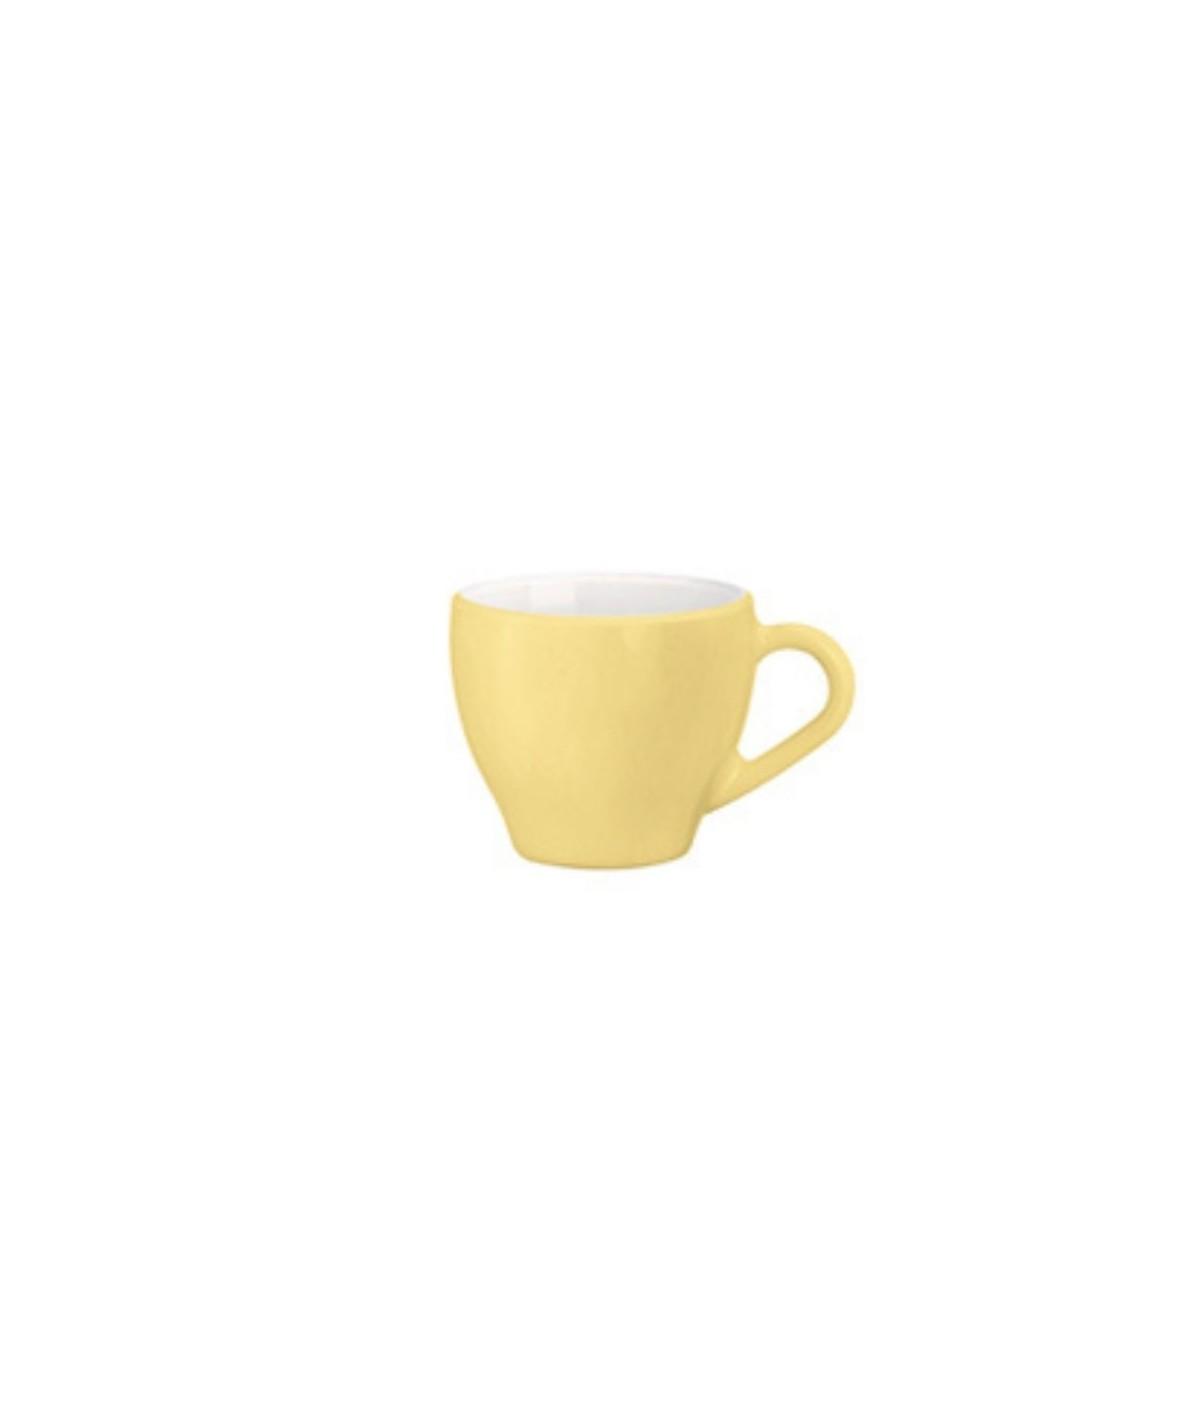 Tazzine da caffè gialle...